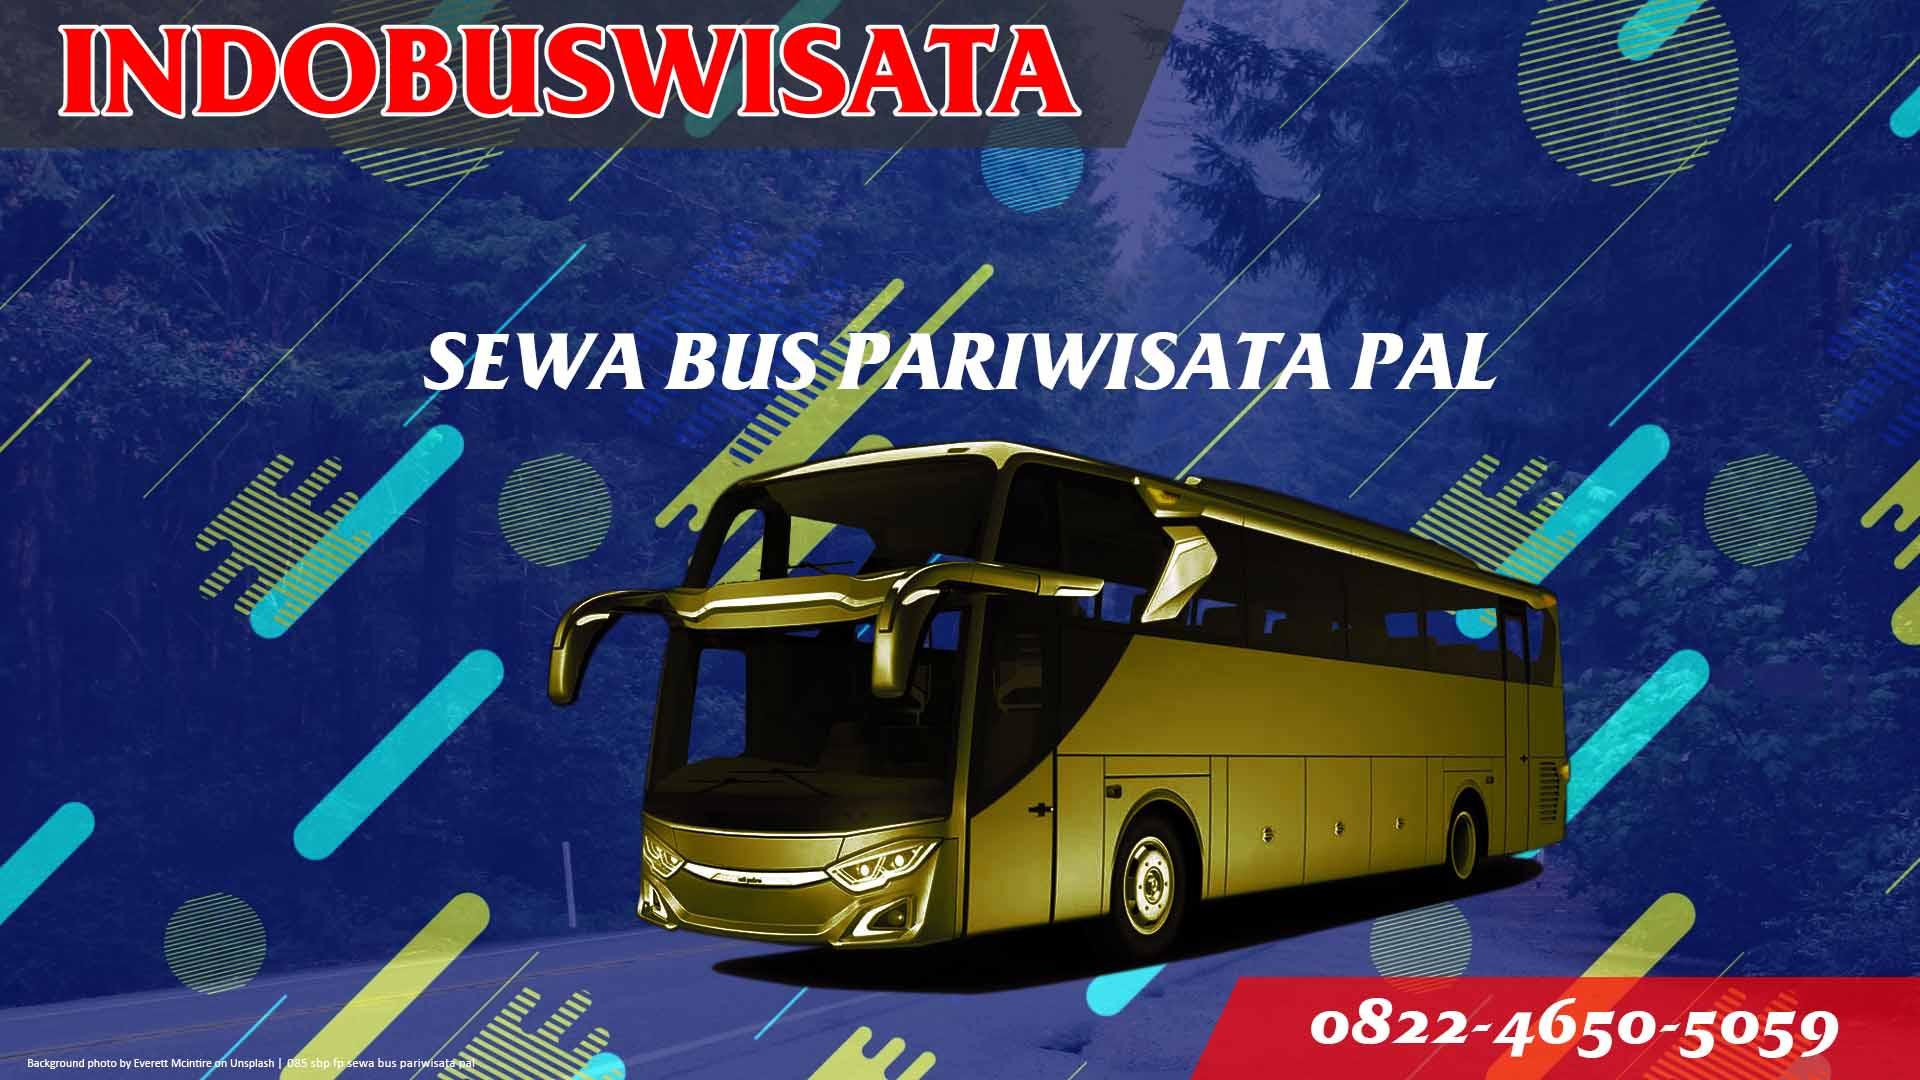 085 Sbp Fp Sewa Bus Pariwisata Pal Indobuswisata